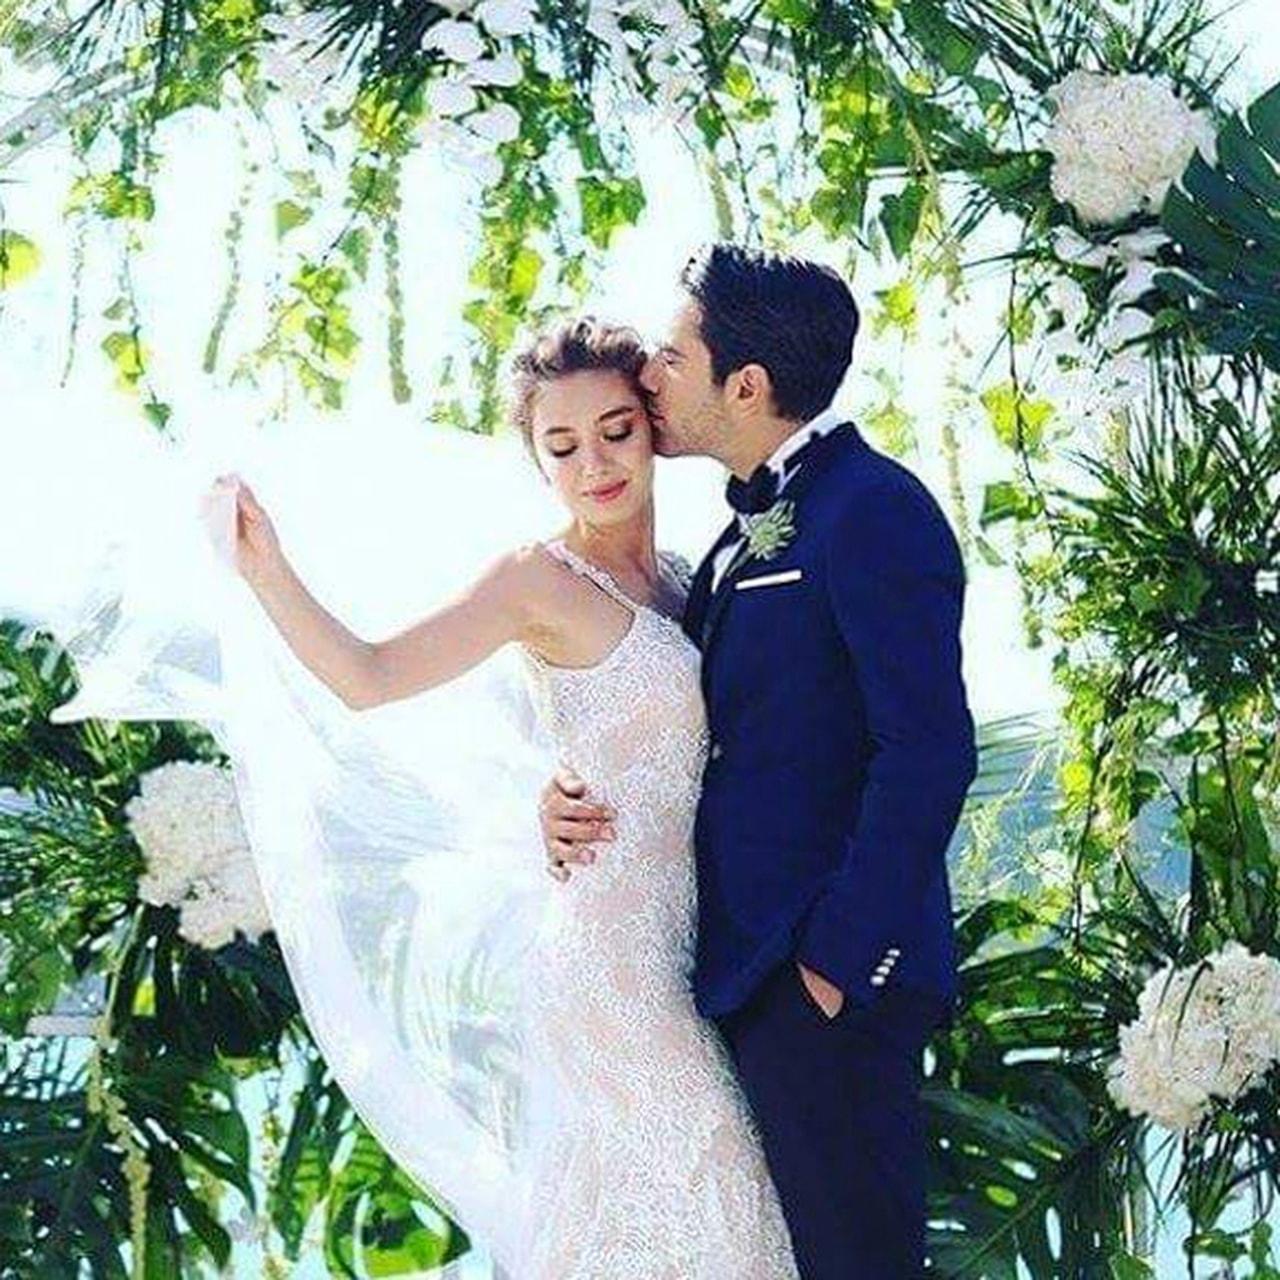 بالصور اجمل لقطات الصور للعرسان , احدث صور رومانسيه للعروسين 690 7